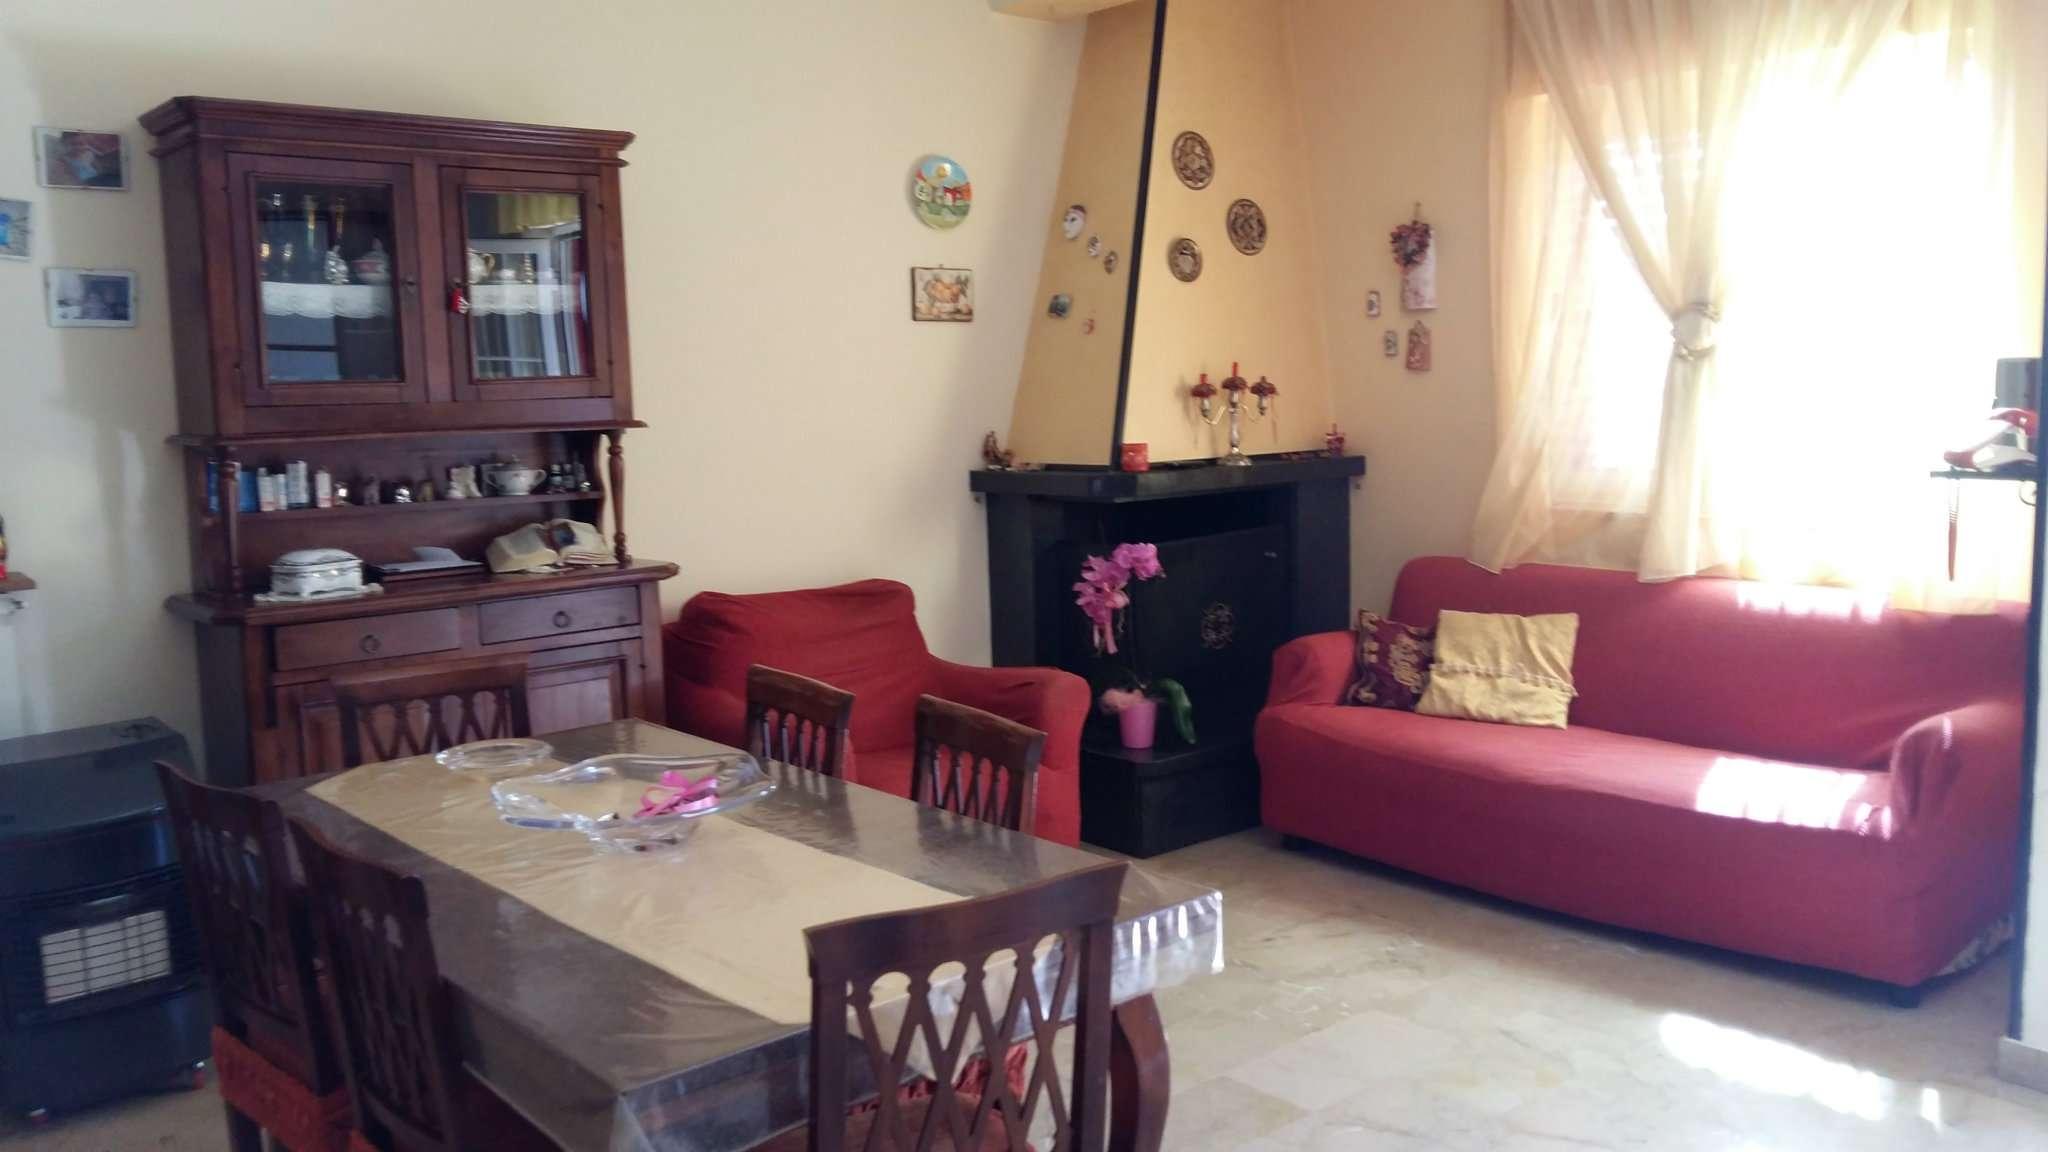 Villa in vendita a Mariglianella, 4 locali, prezzo € 190.000 | CambioCasa.it